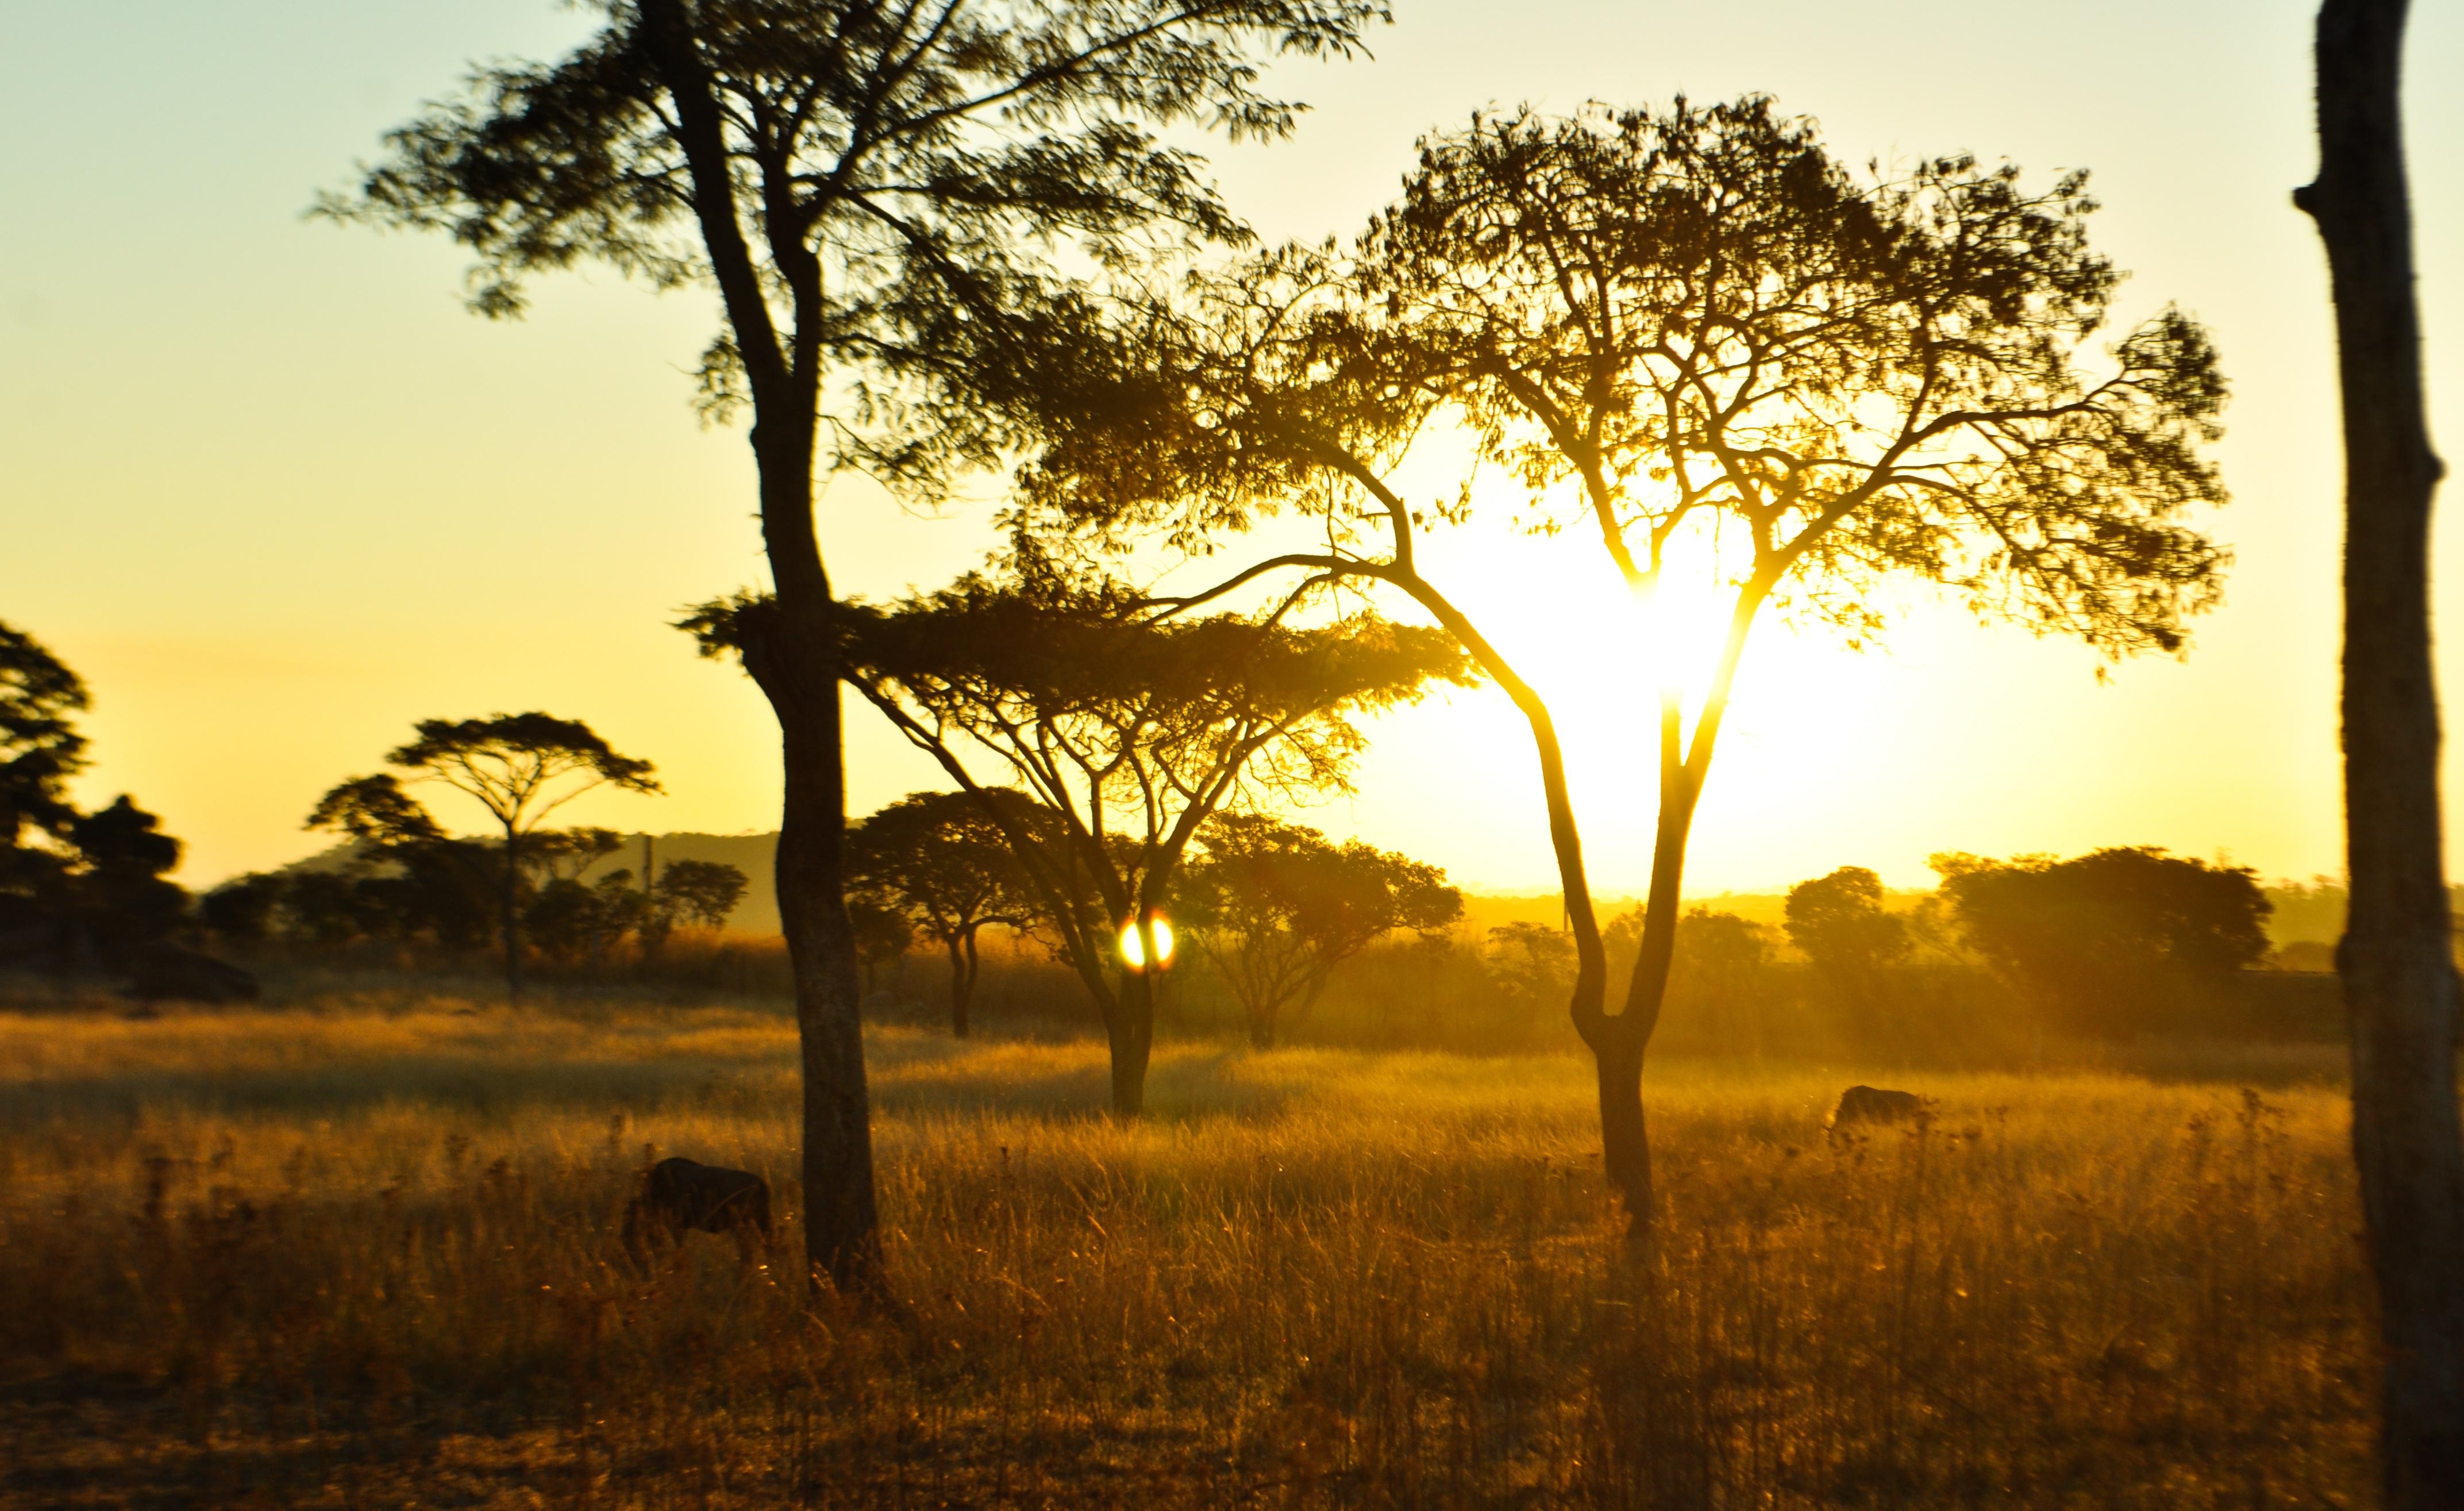 kleingruppen safaris botswana im reich der wilden tiere. Black Bedroom Furniture Sets. Home Design Ideas